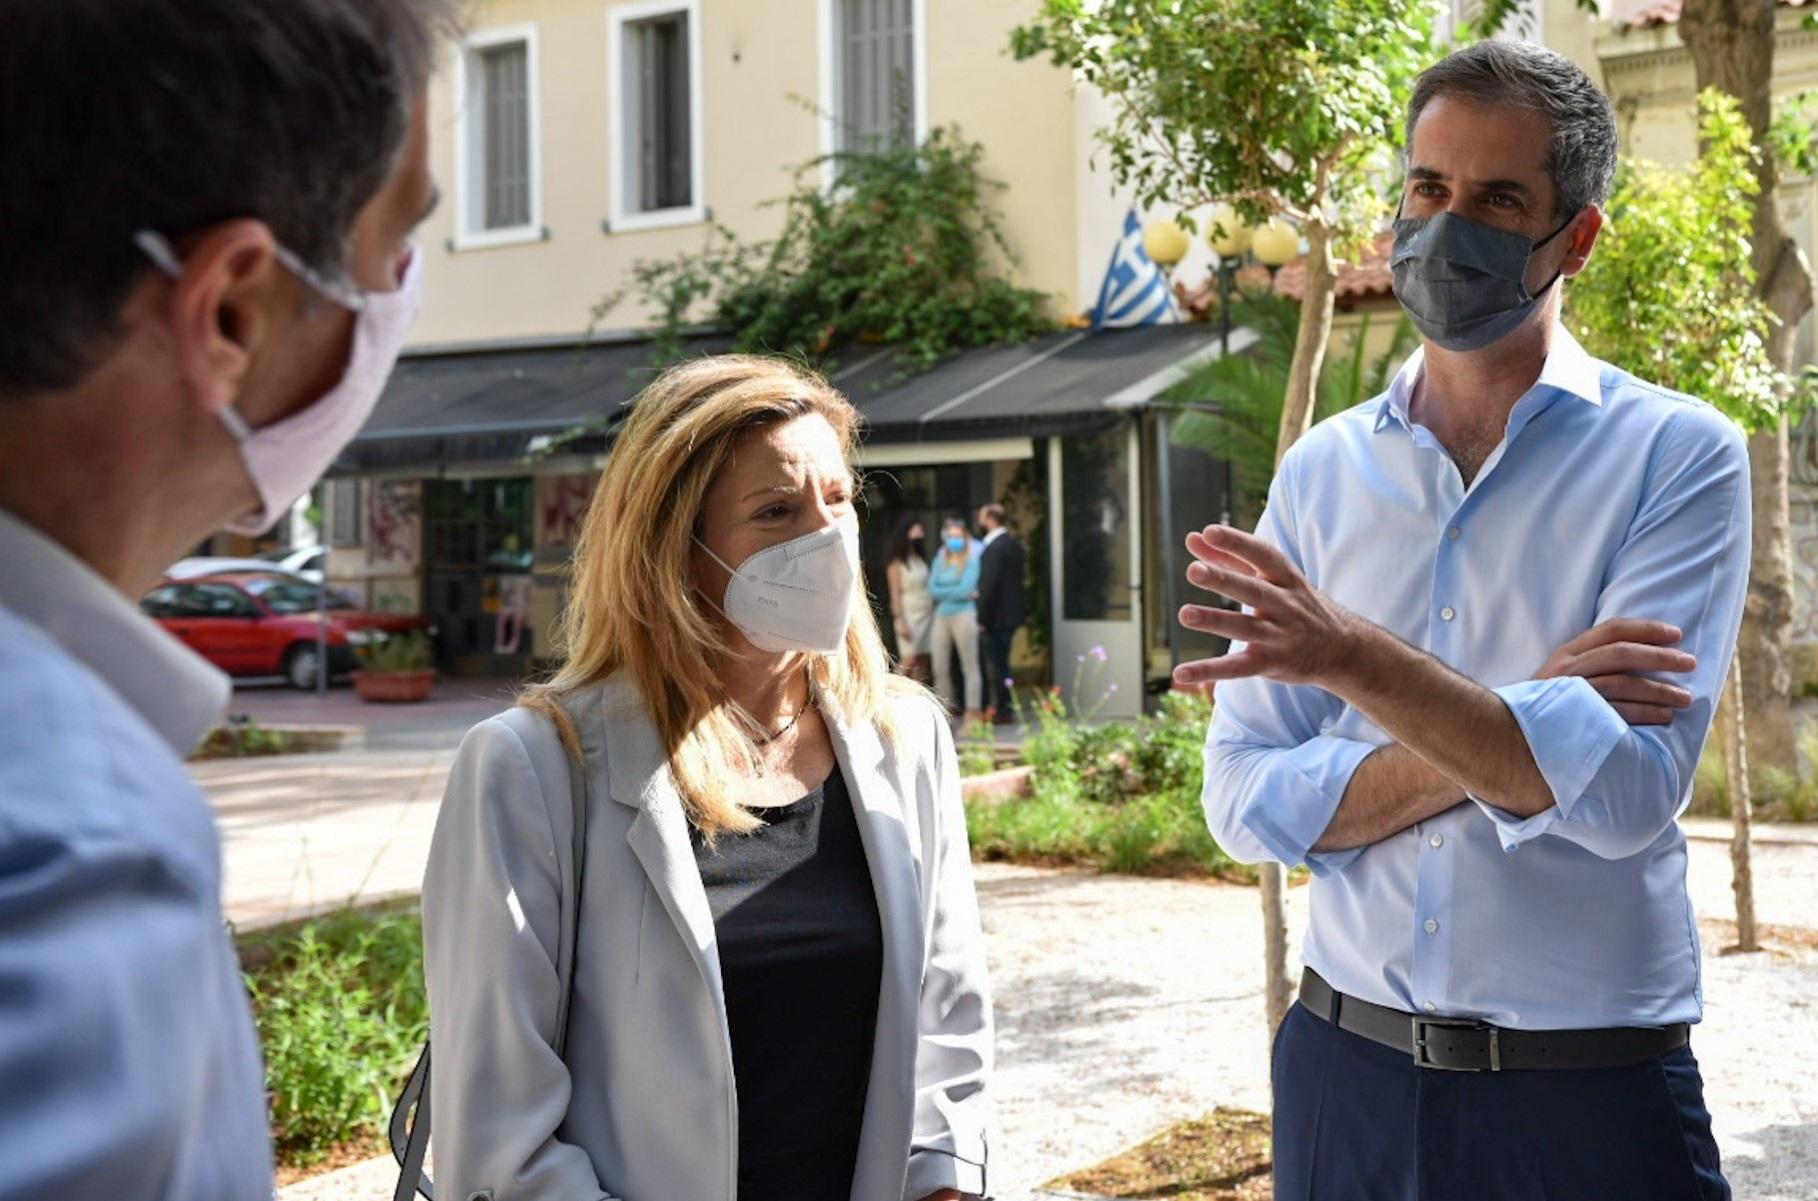 Αθήνα: «Πάρκα τσέπης»  στις γειτονιές – Νέα όαση πρασίνου στο Μεταξουργείο (pics)